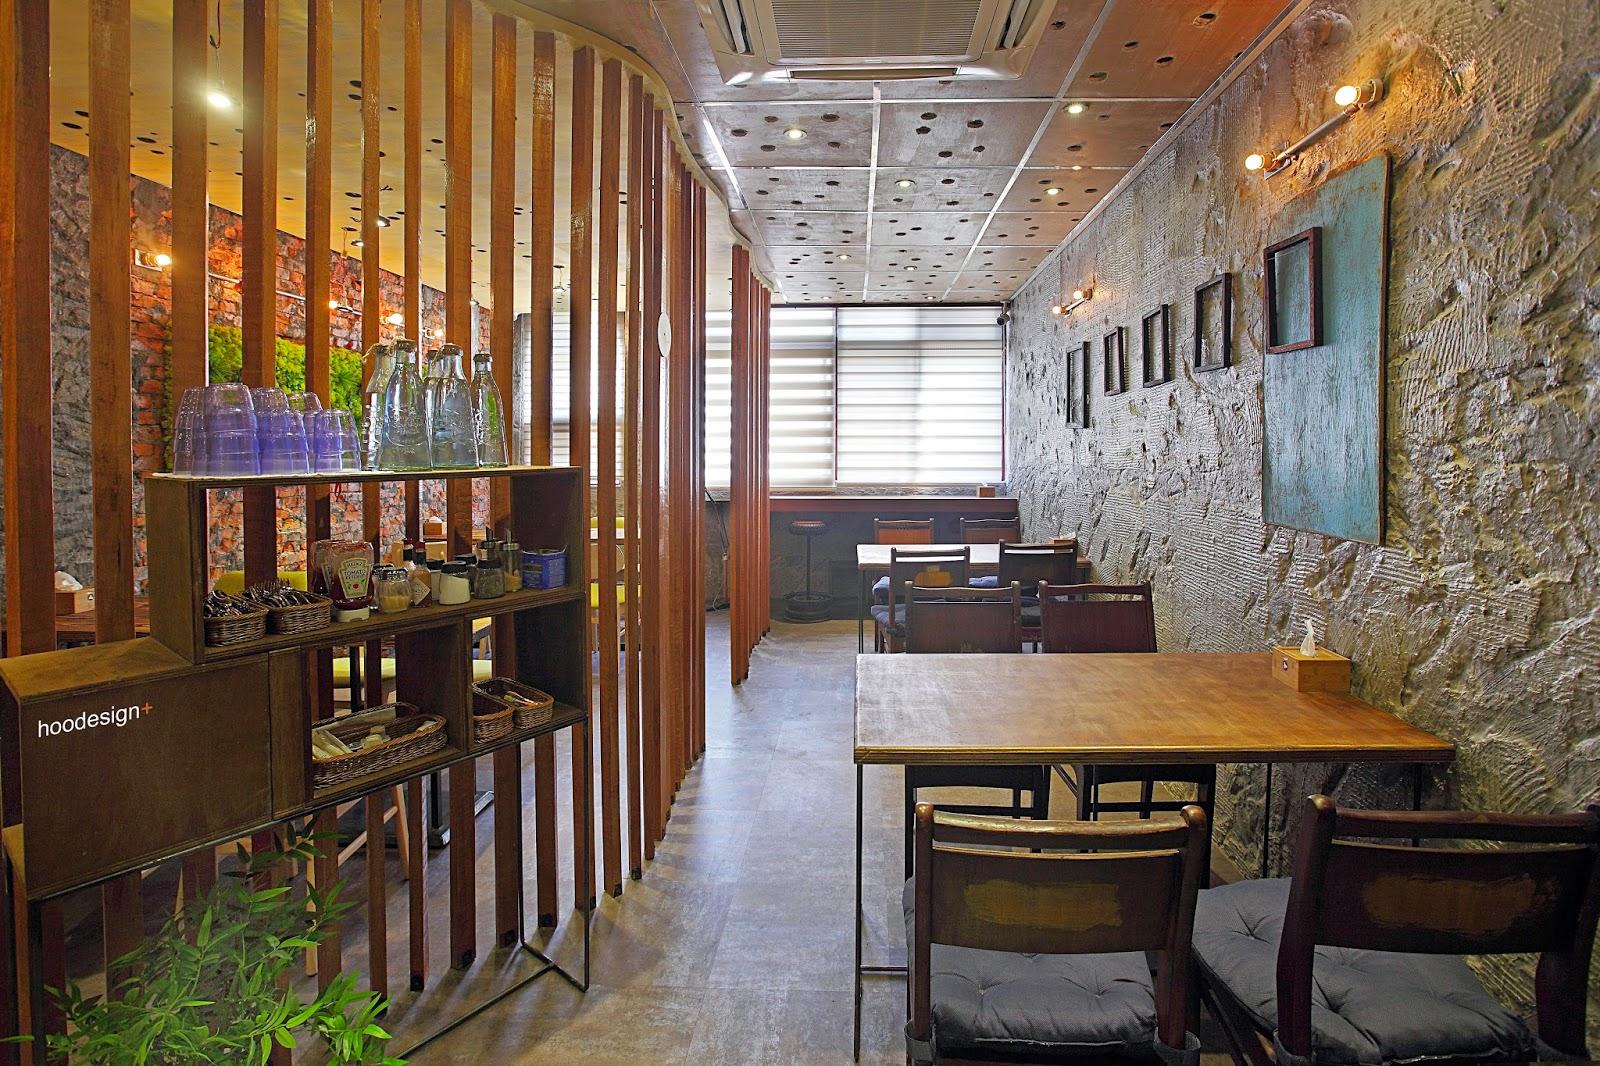 四人座位、用餐空間、多功能櫃設計